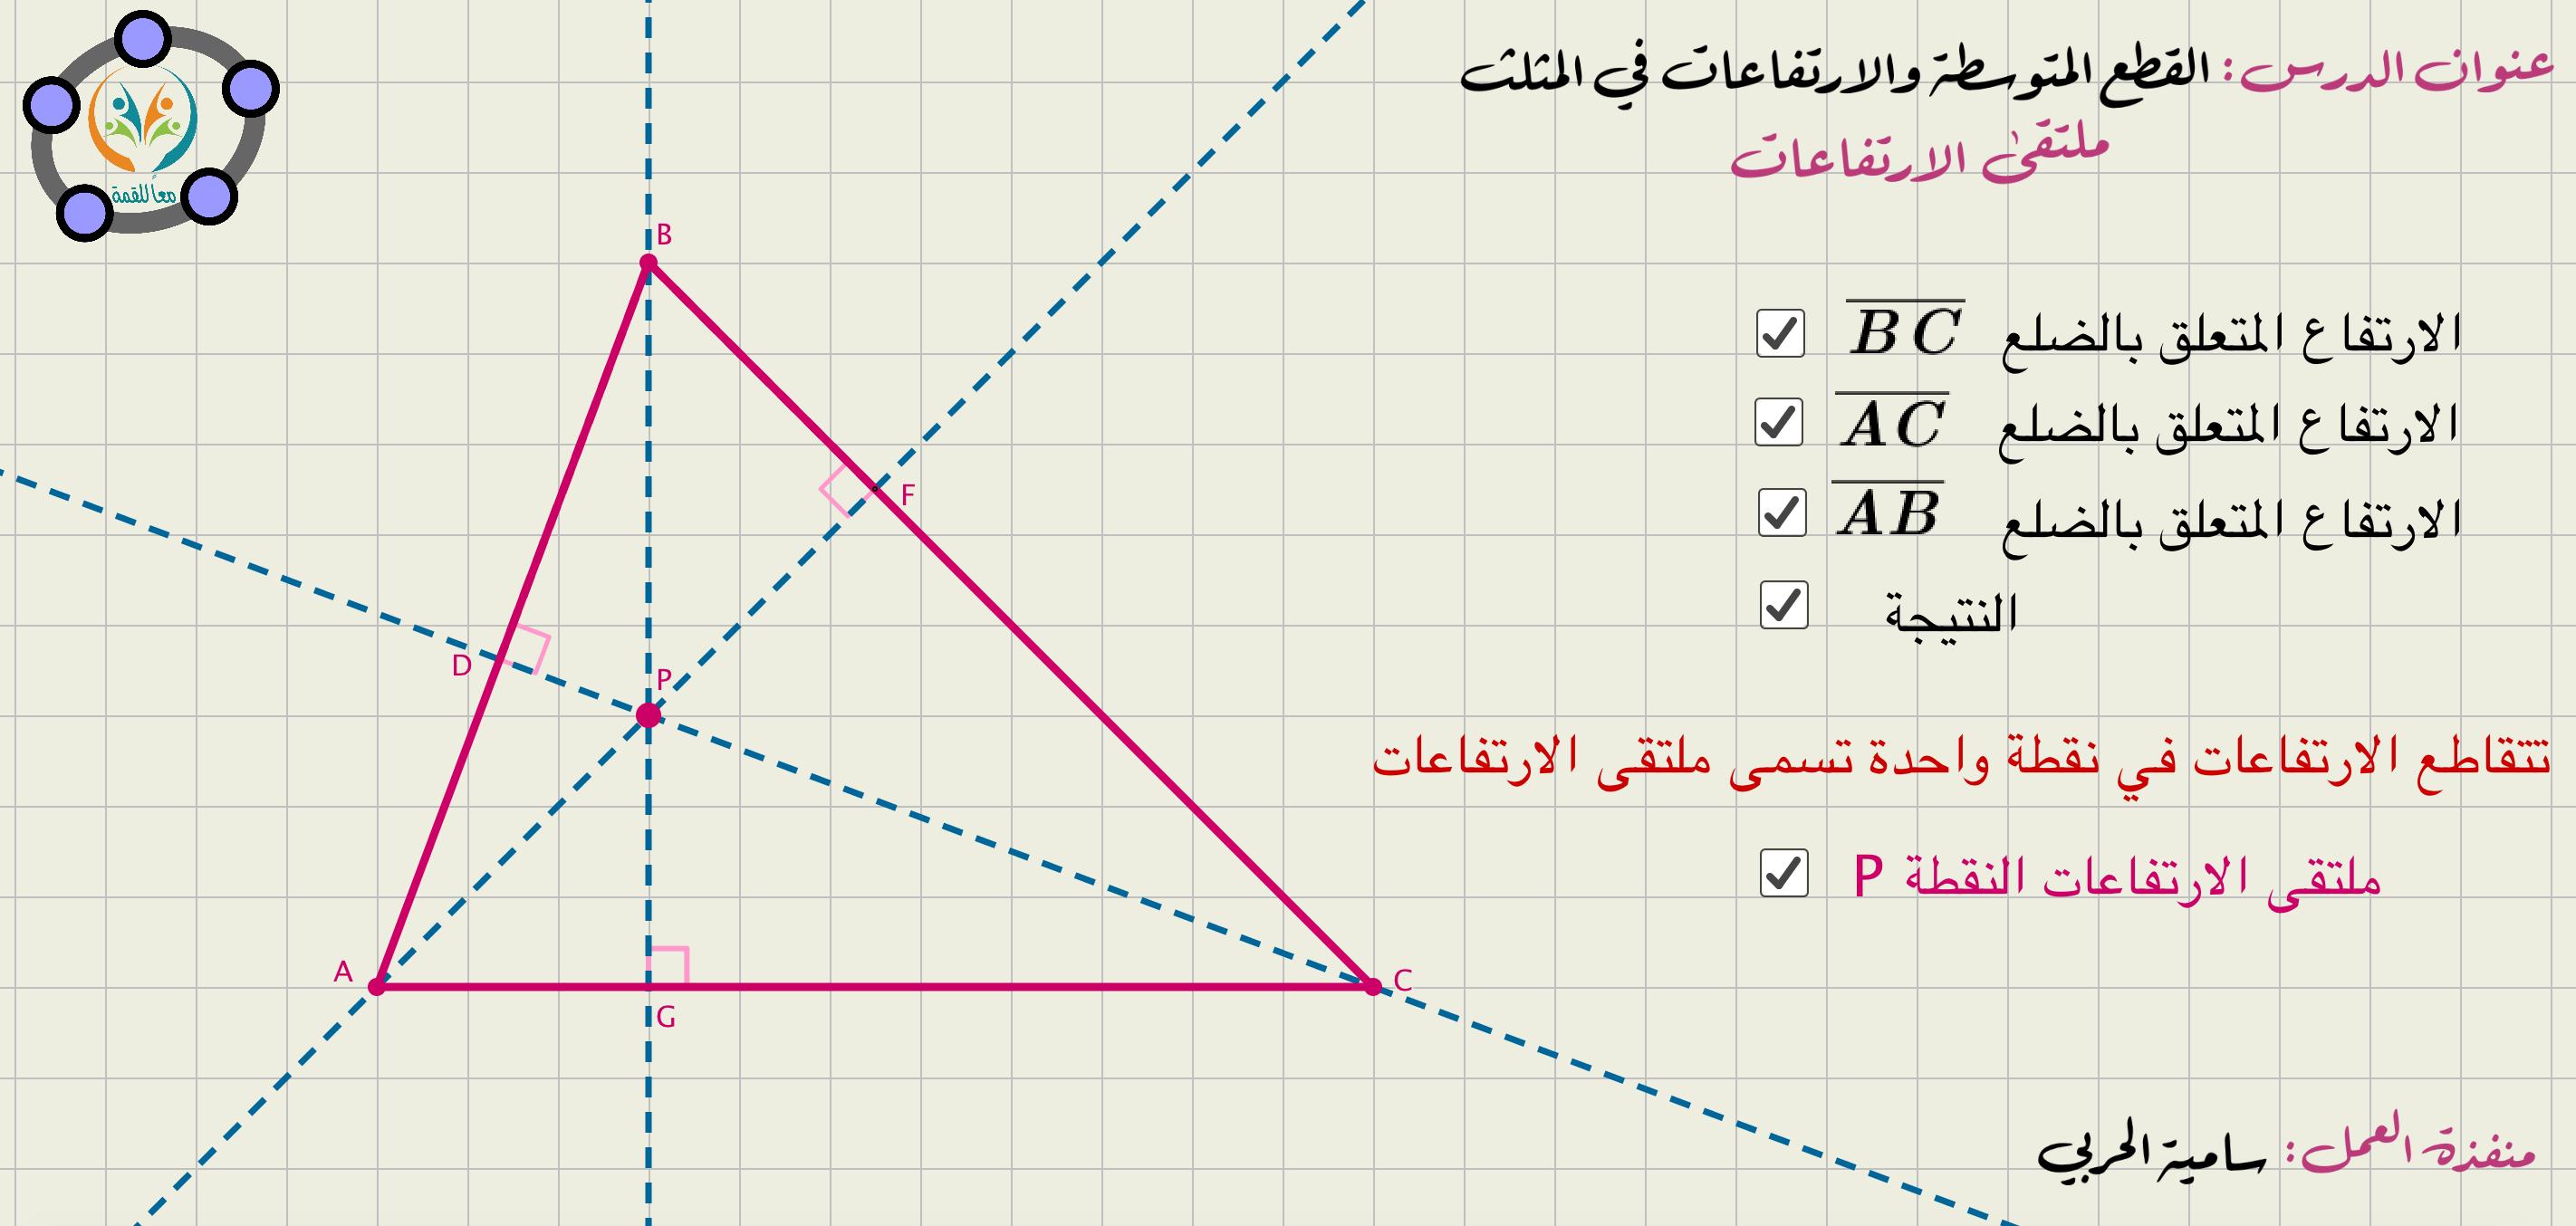 (القطع المتوسطة والارتفاعات في المثلث (ملتقى الارتفاعات)